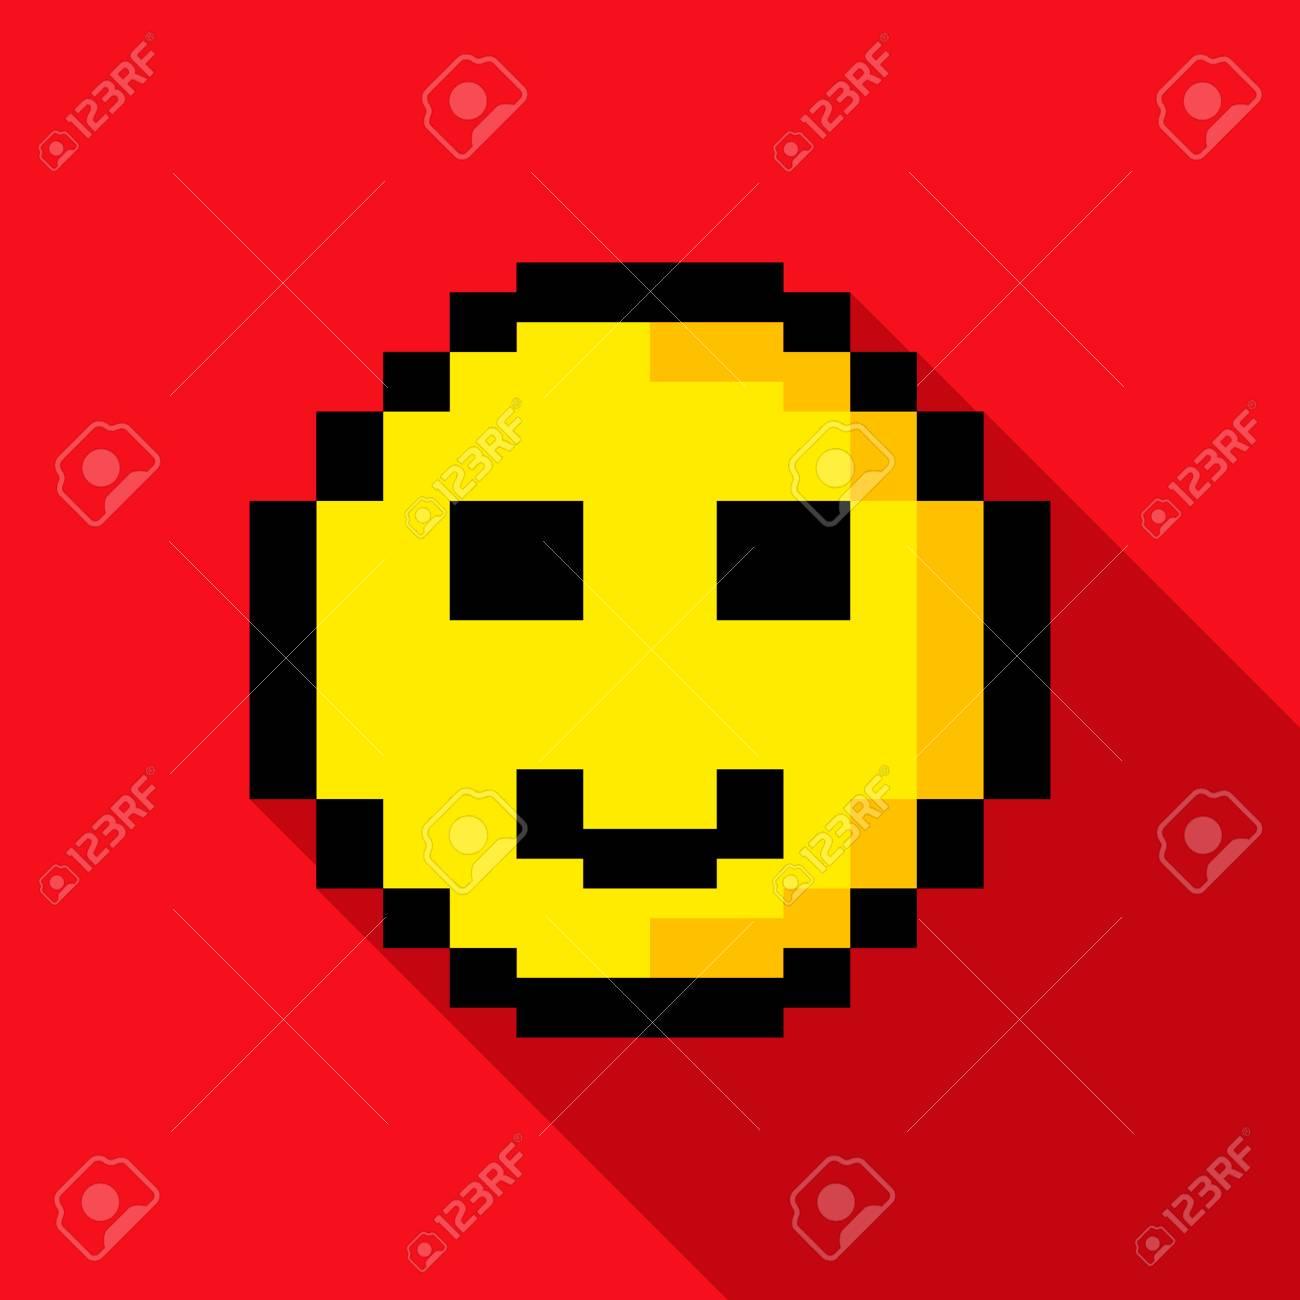 Pixel Smiley Dans Un Style De Jeu Moderne Illustration De Vecteur Plat Isolé Sur Fond